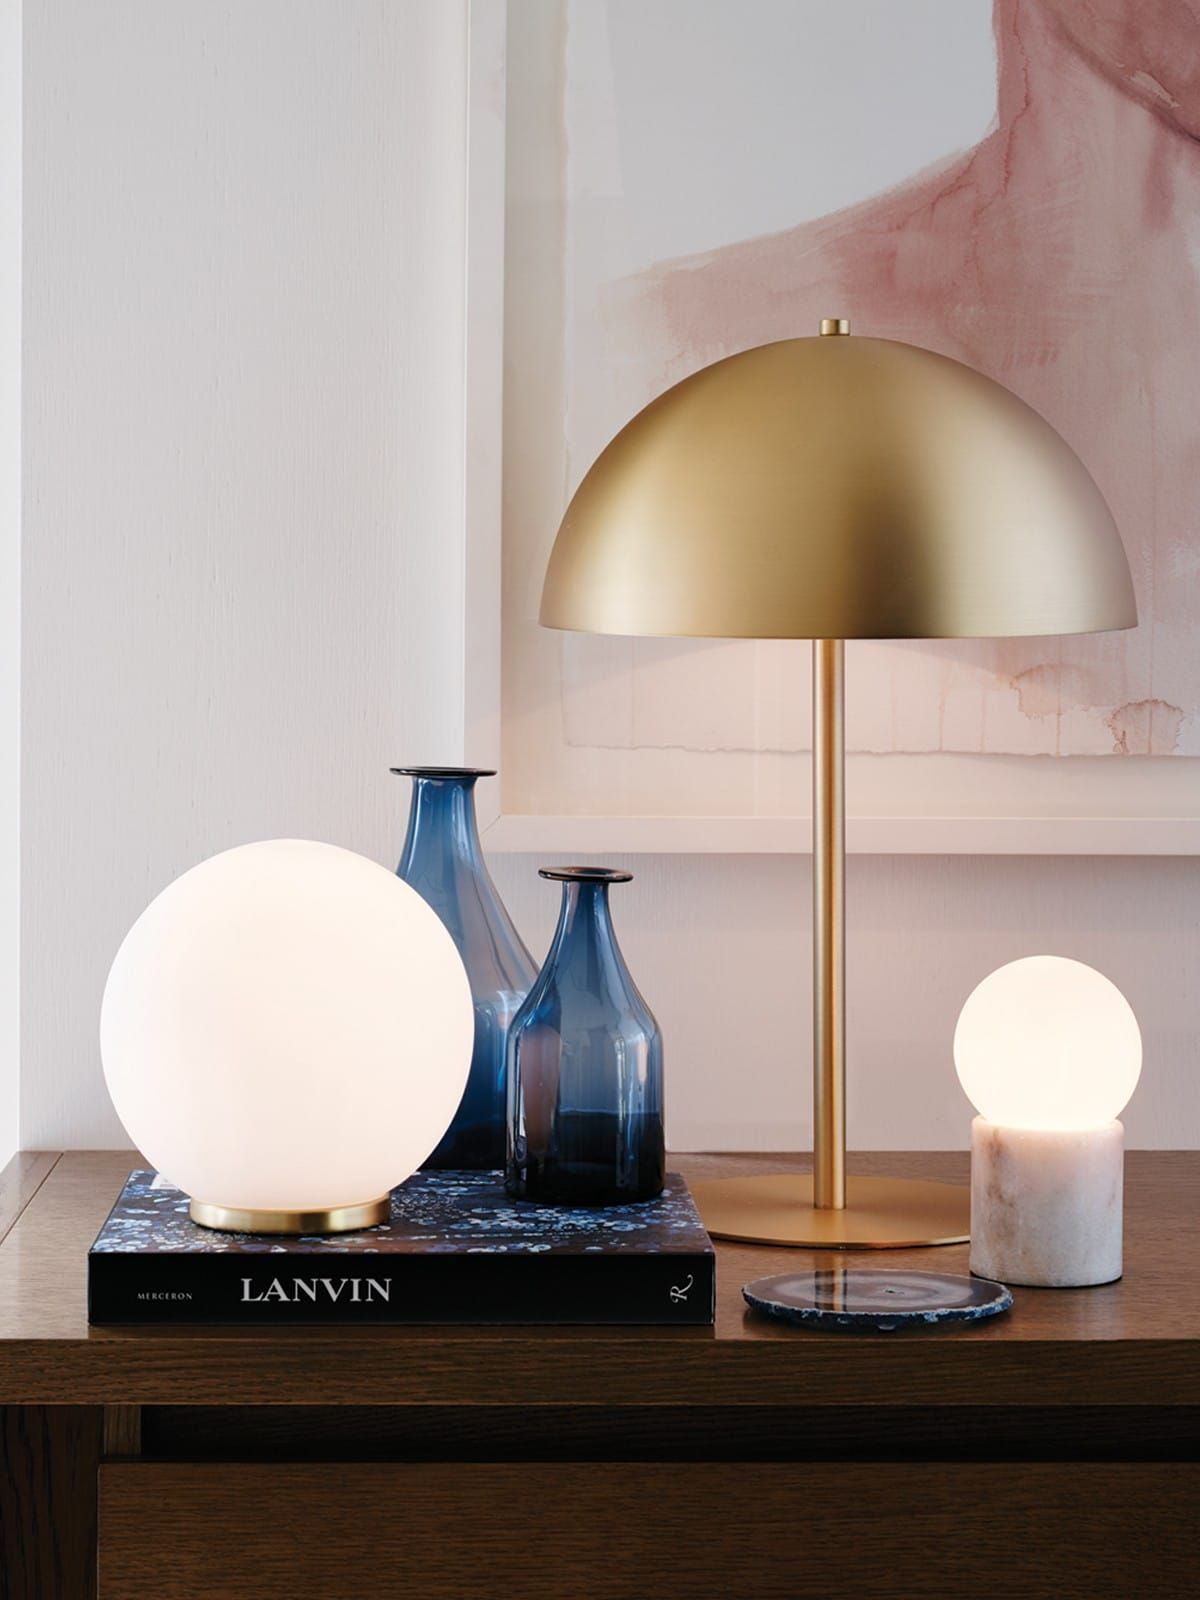 Hubstairs Votre Decoration D Interieur Au Quotidien Luminaire Lampes Modernes Lampe Design